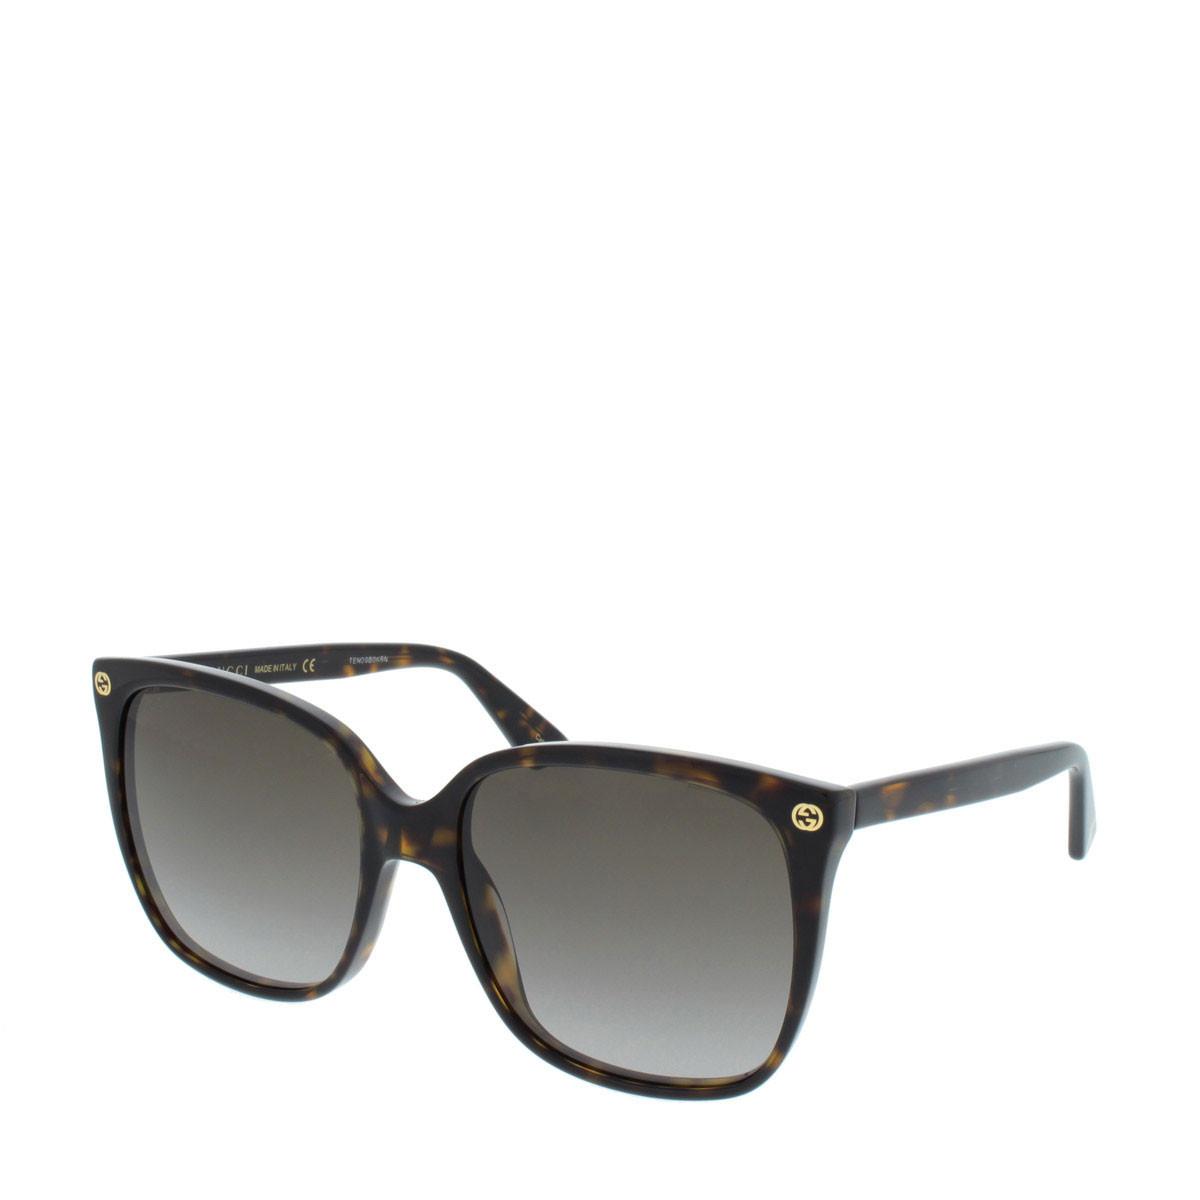 Gucci Sonnenbrille - GG0022S 003 57 - in braun - für Damen